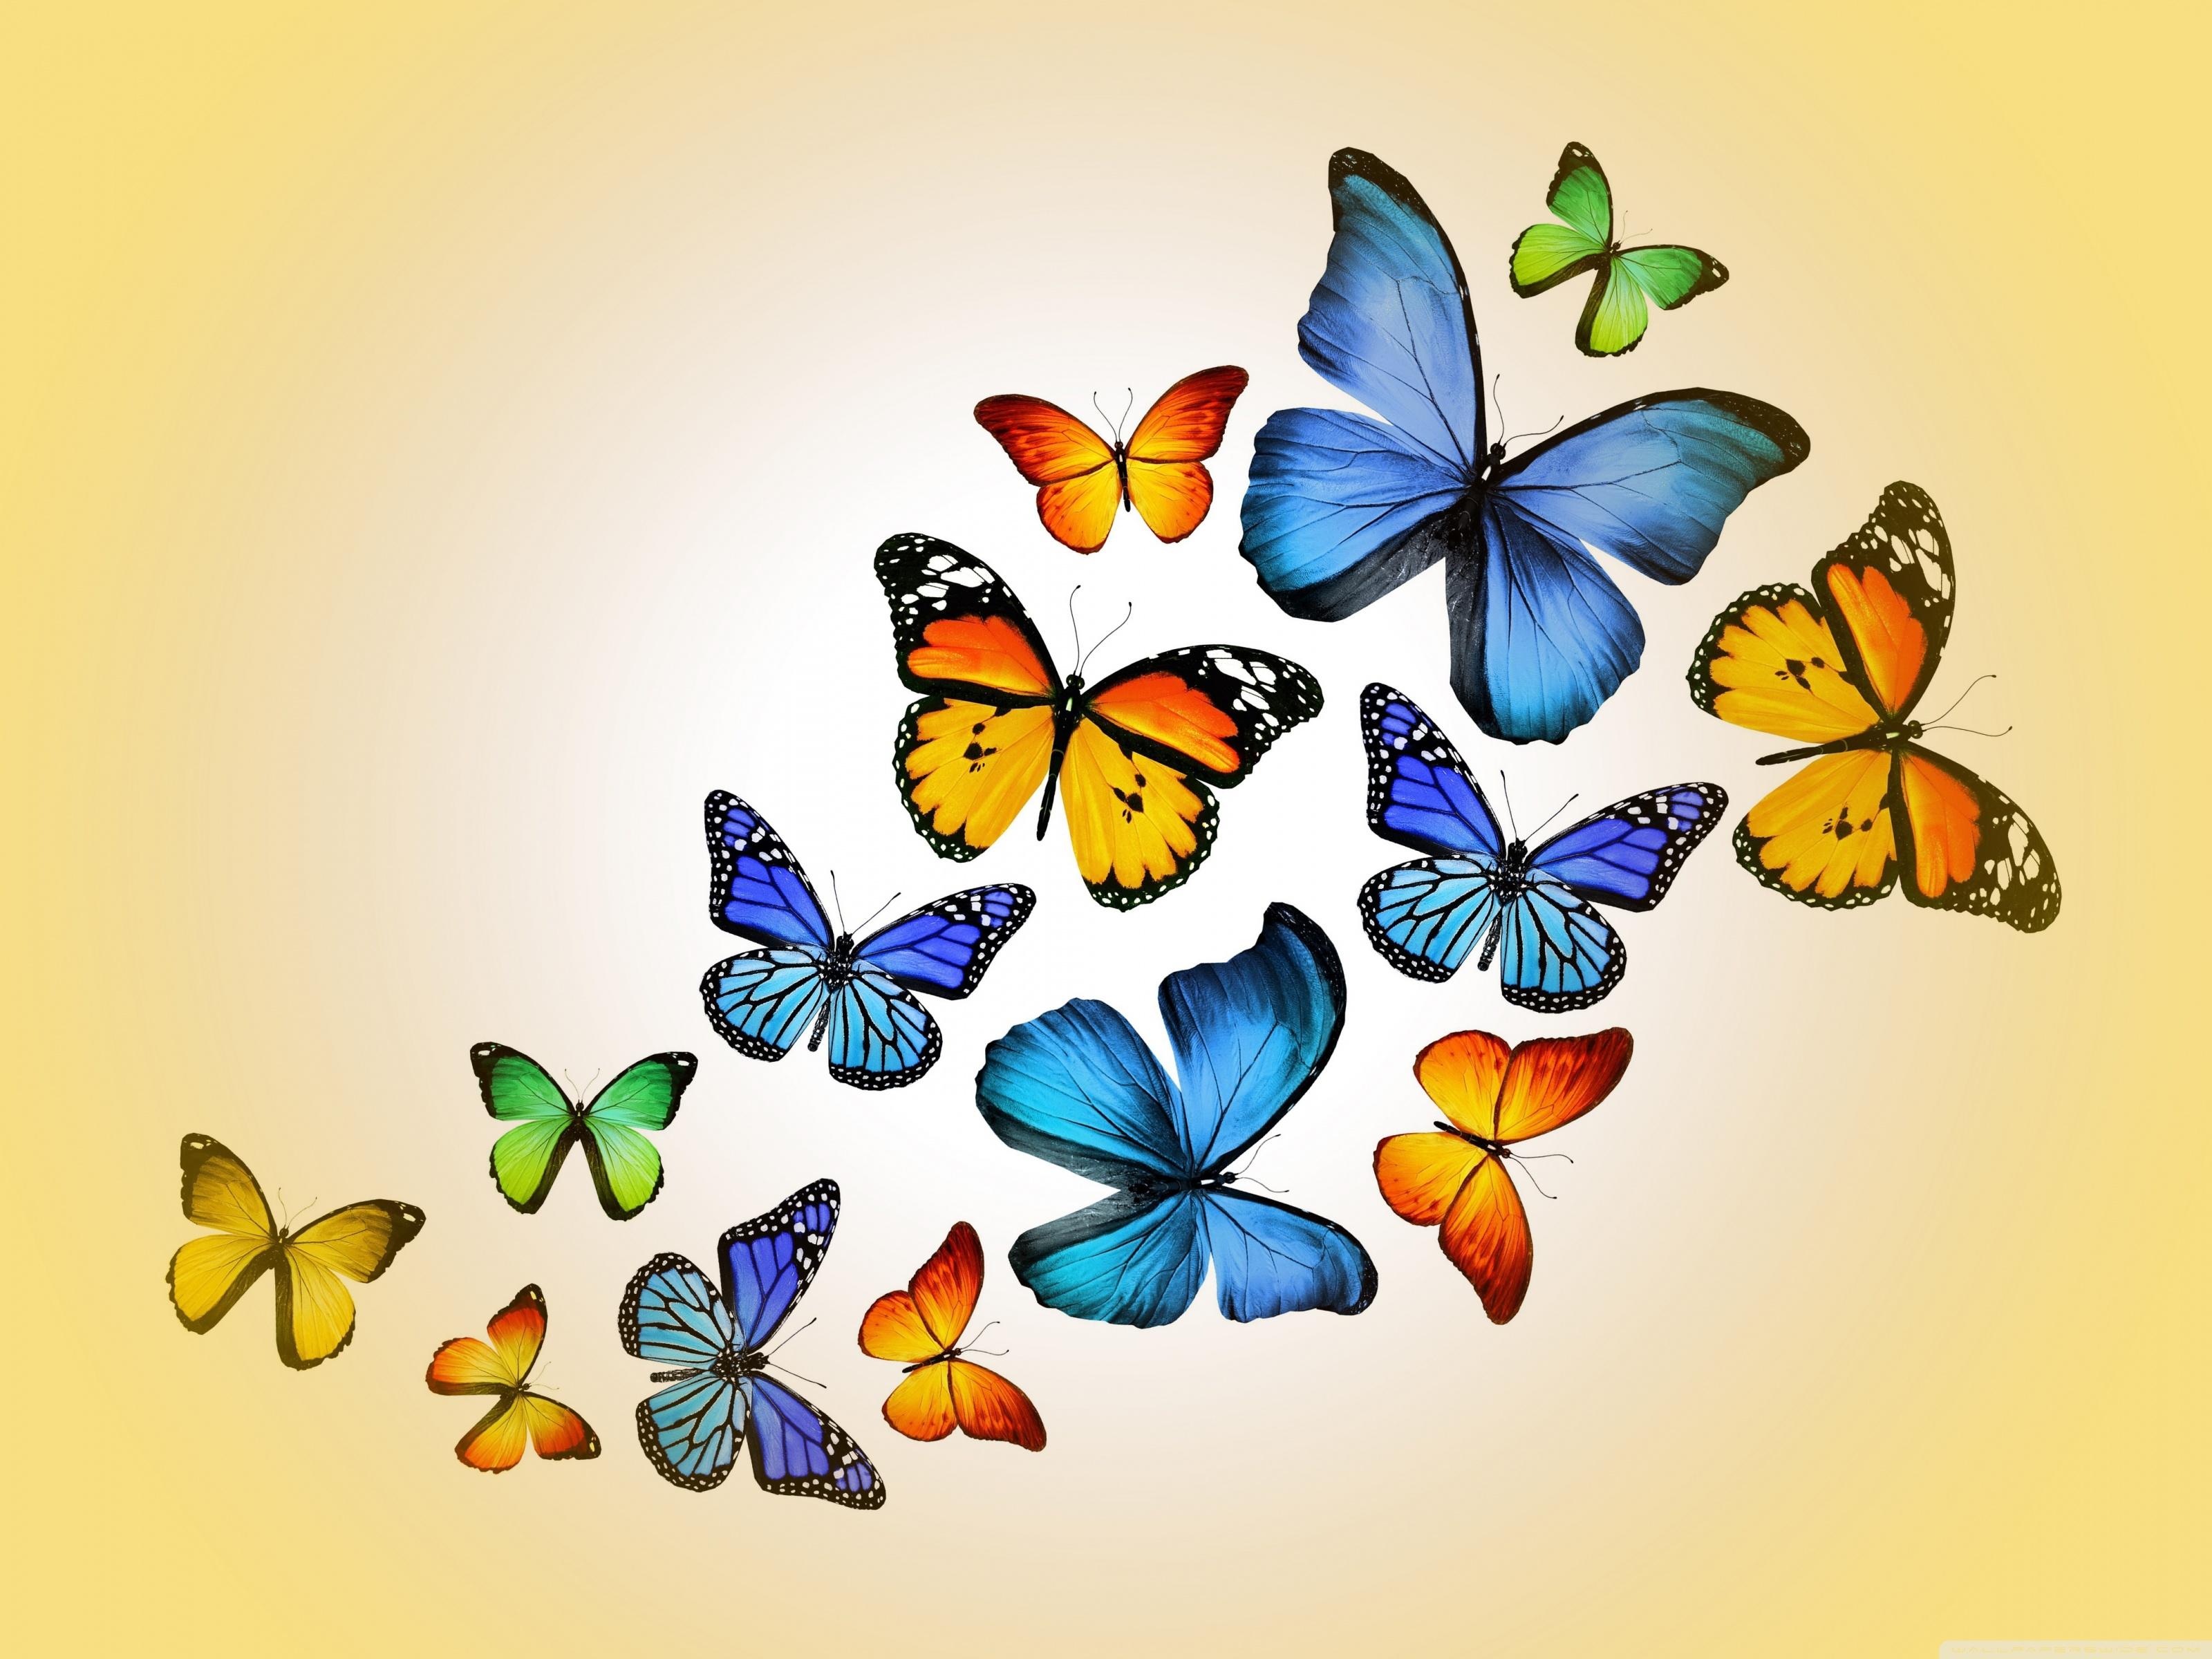 Butterflies 4K HD Desktop Wallpaper for 4K Ultra HD TV Wide 3200x2400